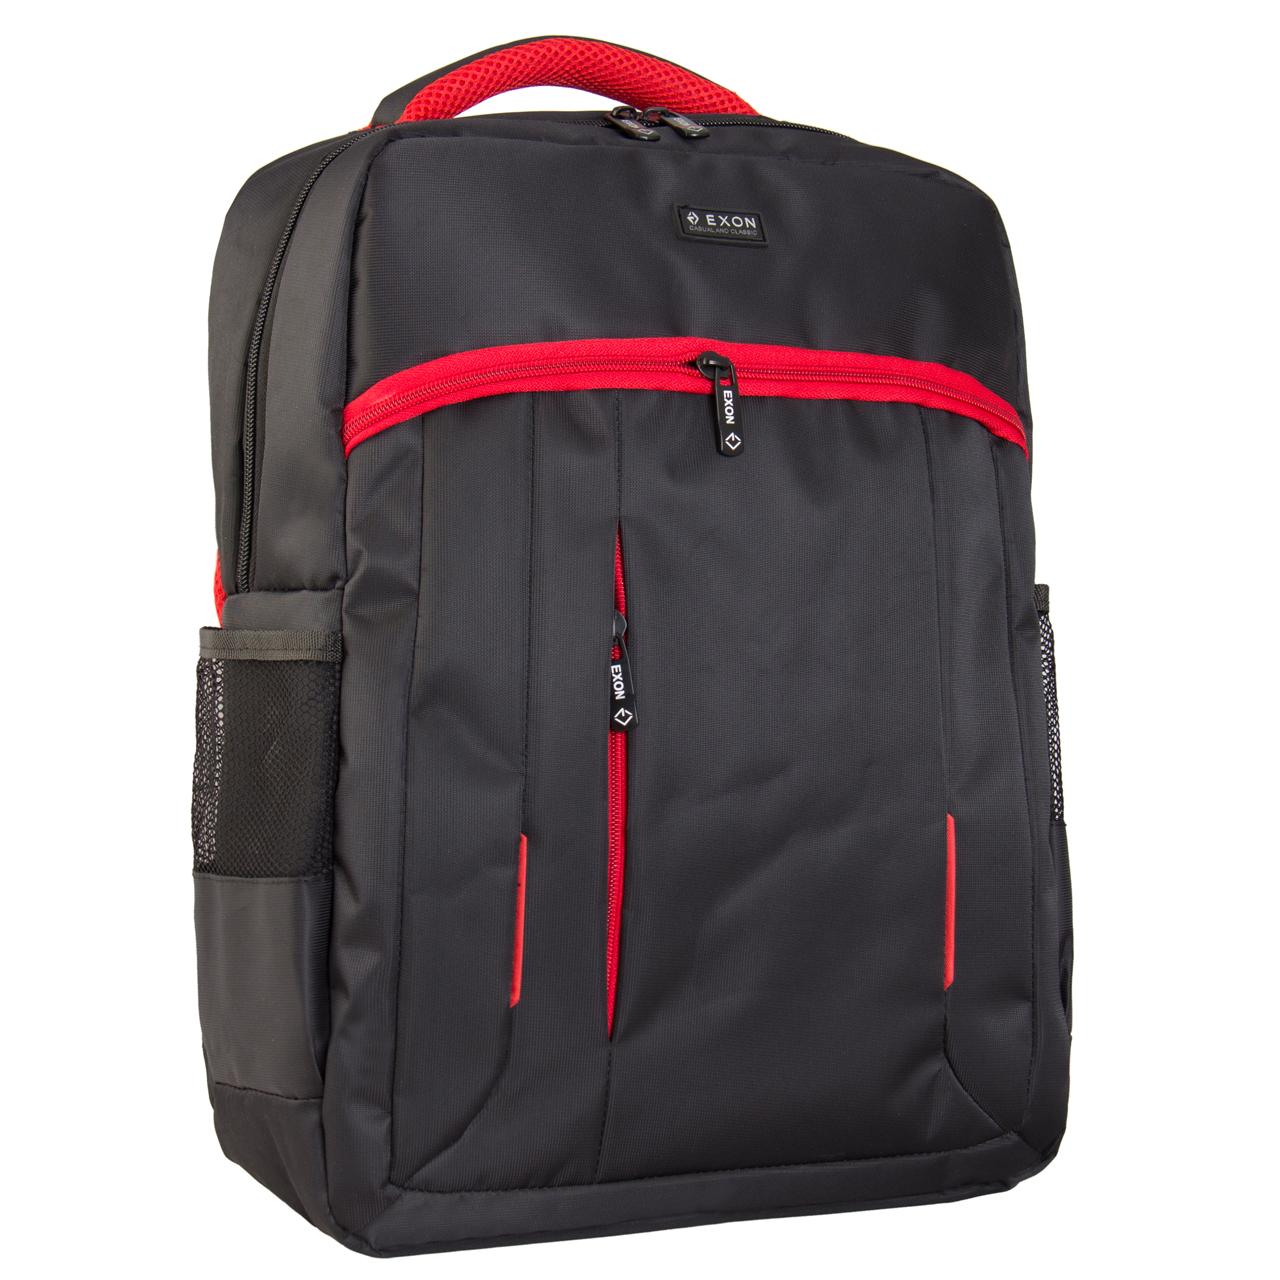 کیف لپ تاپ کوله پشتی اکسون مدل نوا مناسب برای لپ تاپ 15.6 اینچی